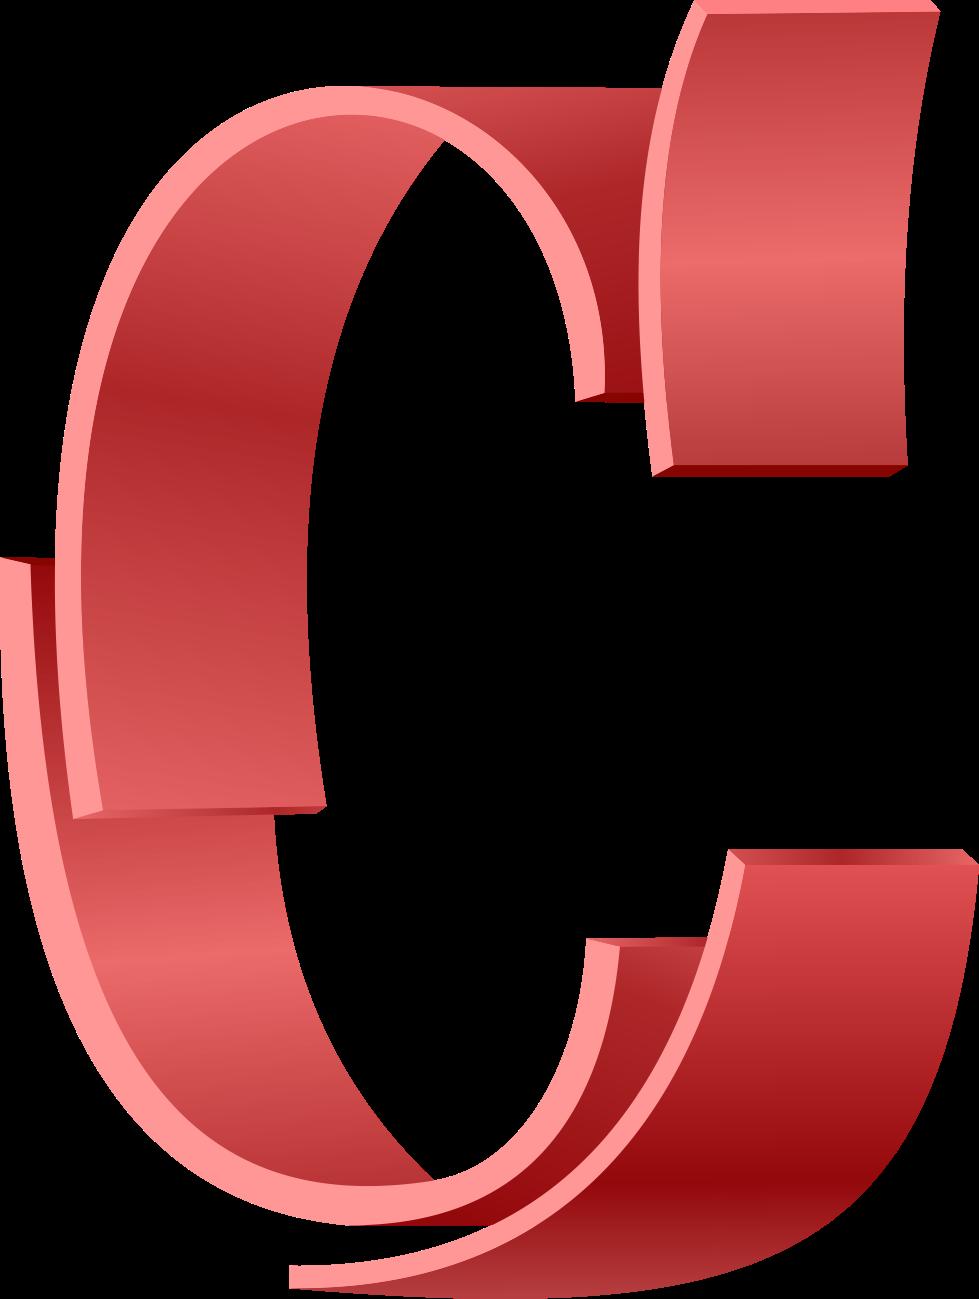 Download Letter C Logo Design C Letter Logo Png Png Image